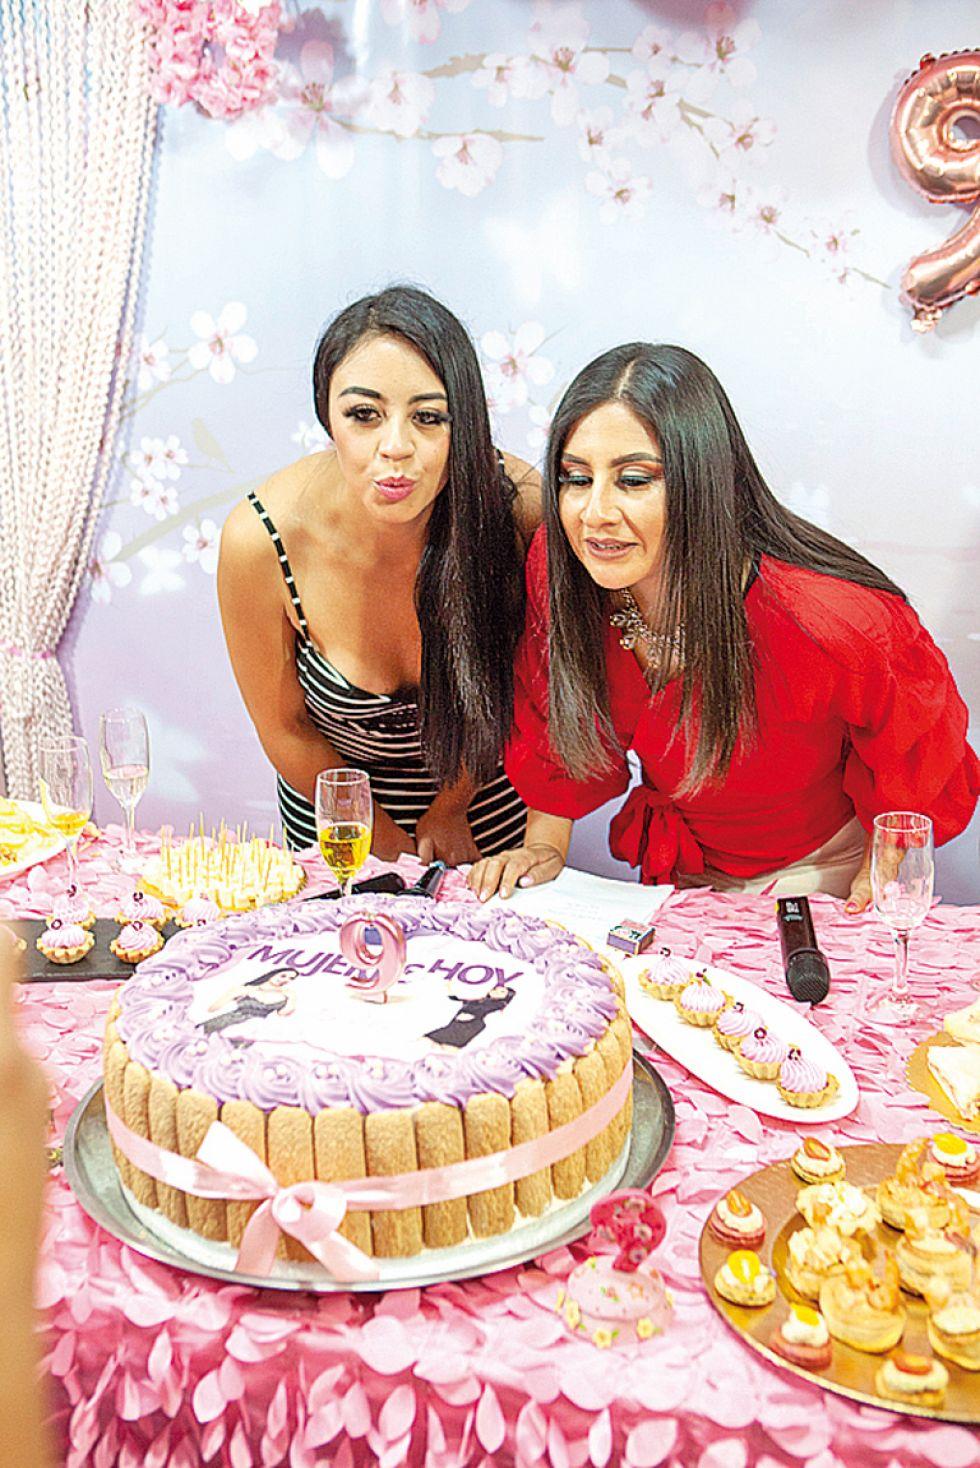 Nicole Gantier y Helga Flores apagan  la vela de aniversario.